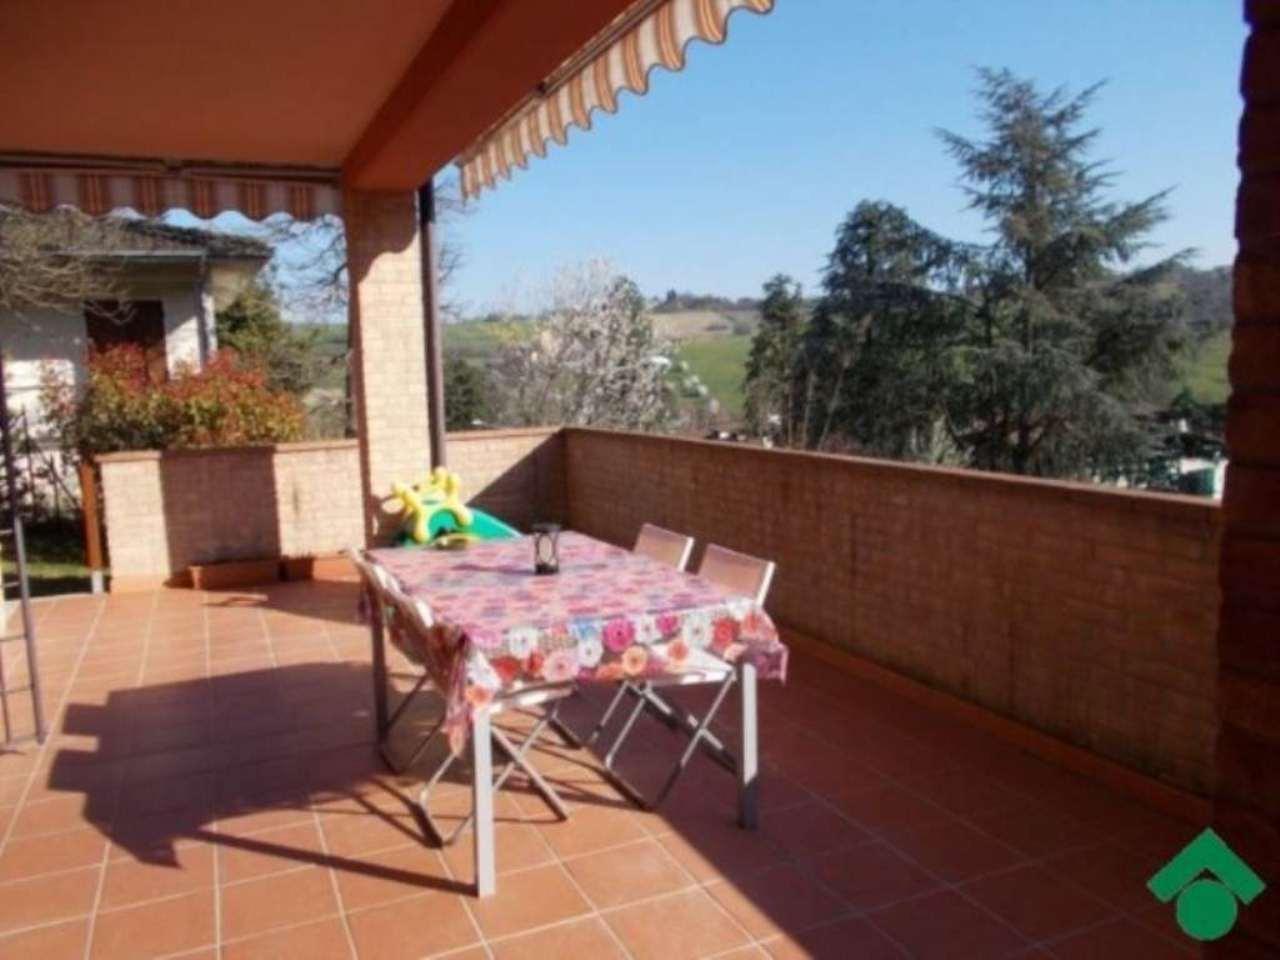 Villa in vendita a Quattro Castella, 5 locali, prezzo € 350.000 | Cambio Casa.it